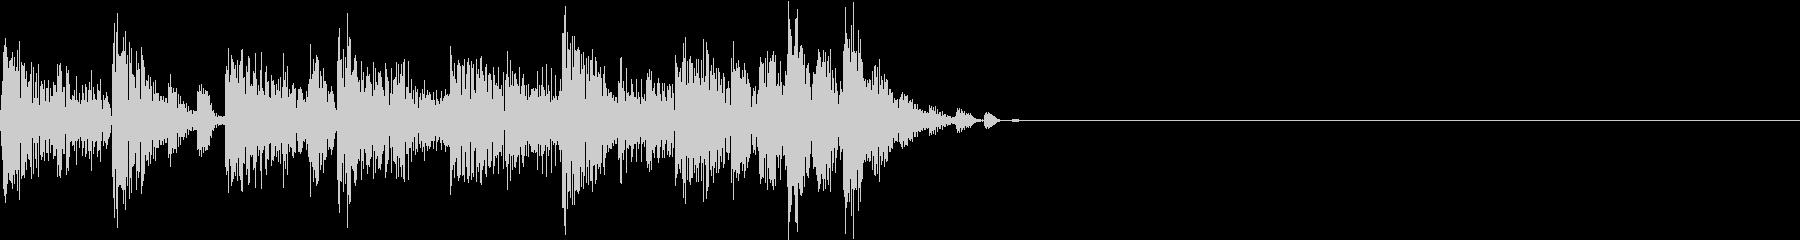 ダークなサイバー系ジングルの未再生の波形